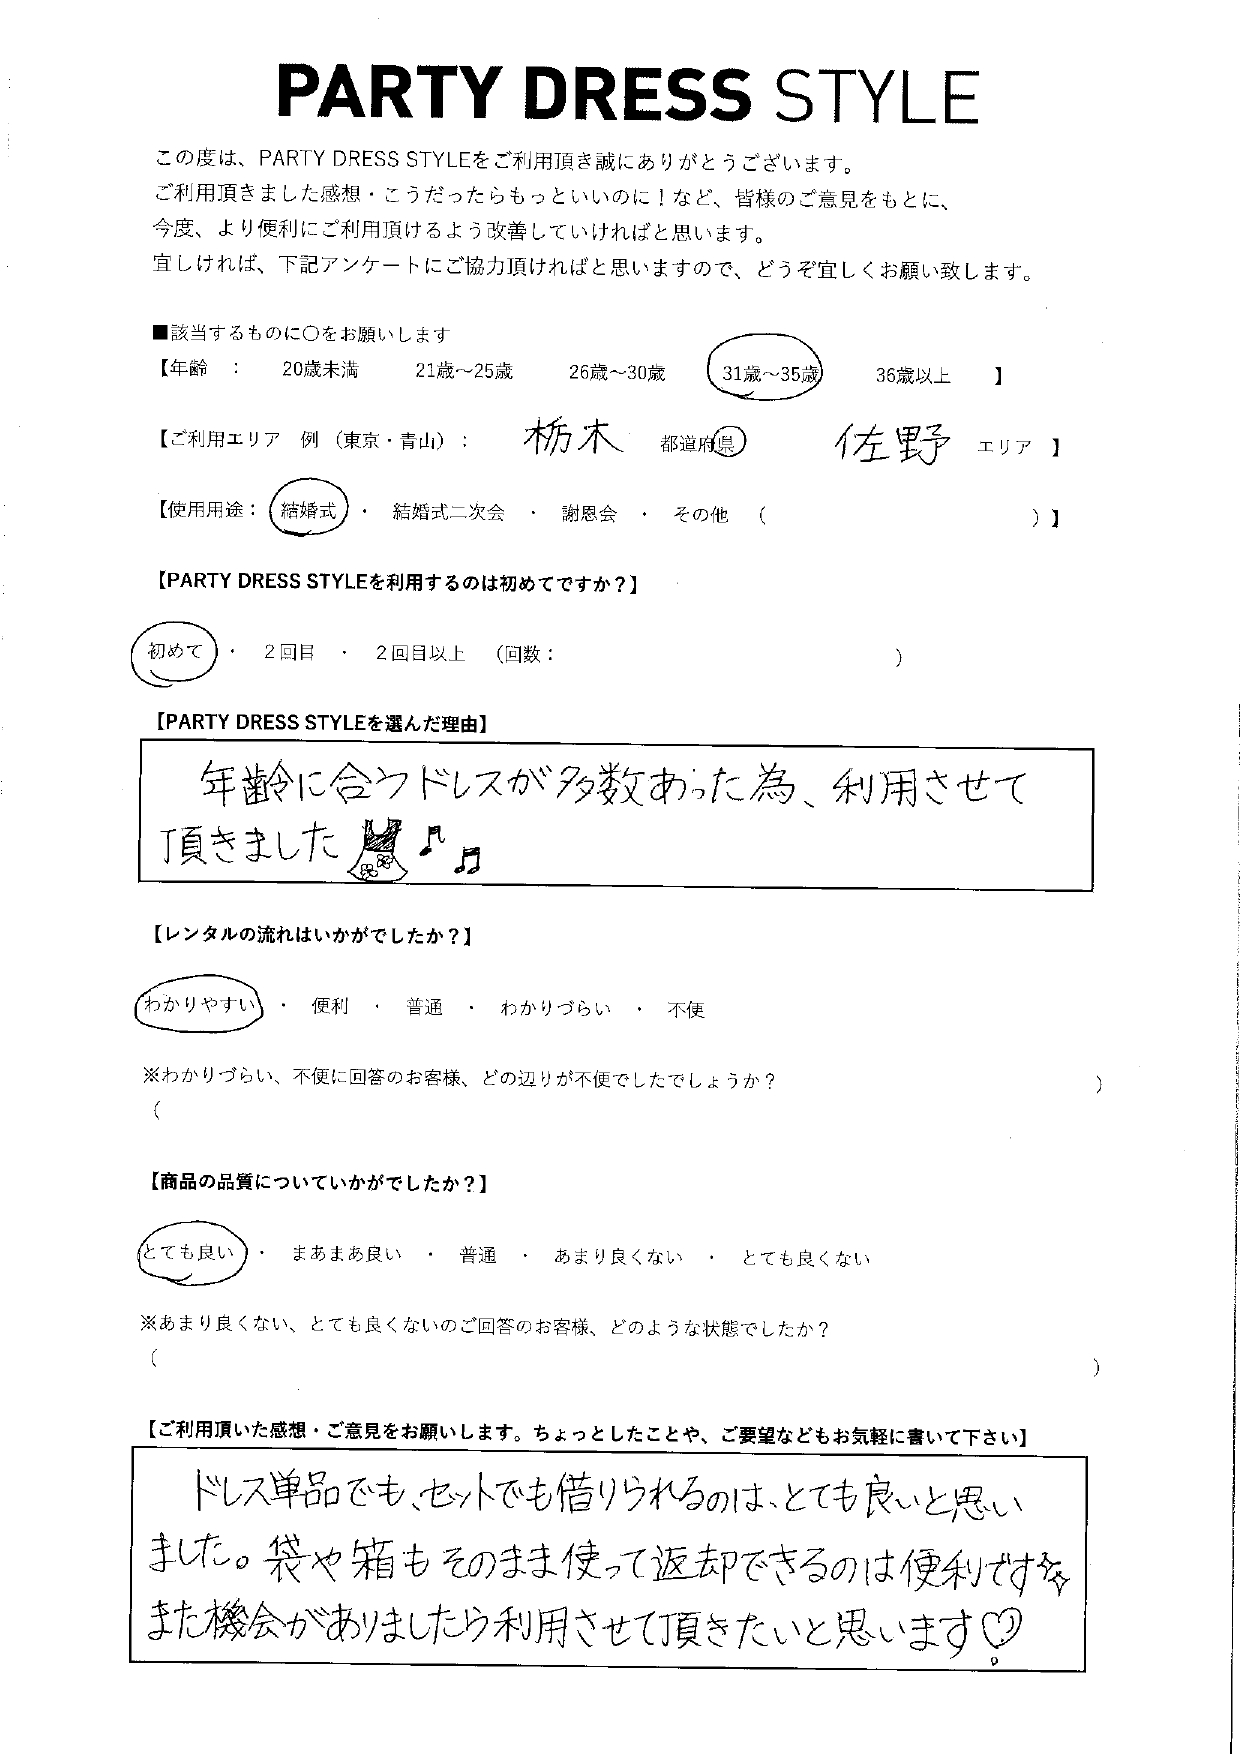 11/8結婚式ご利用 栃木・佐野エリア